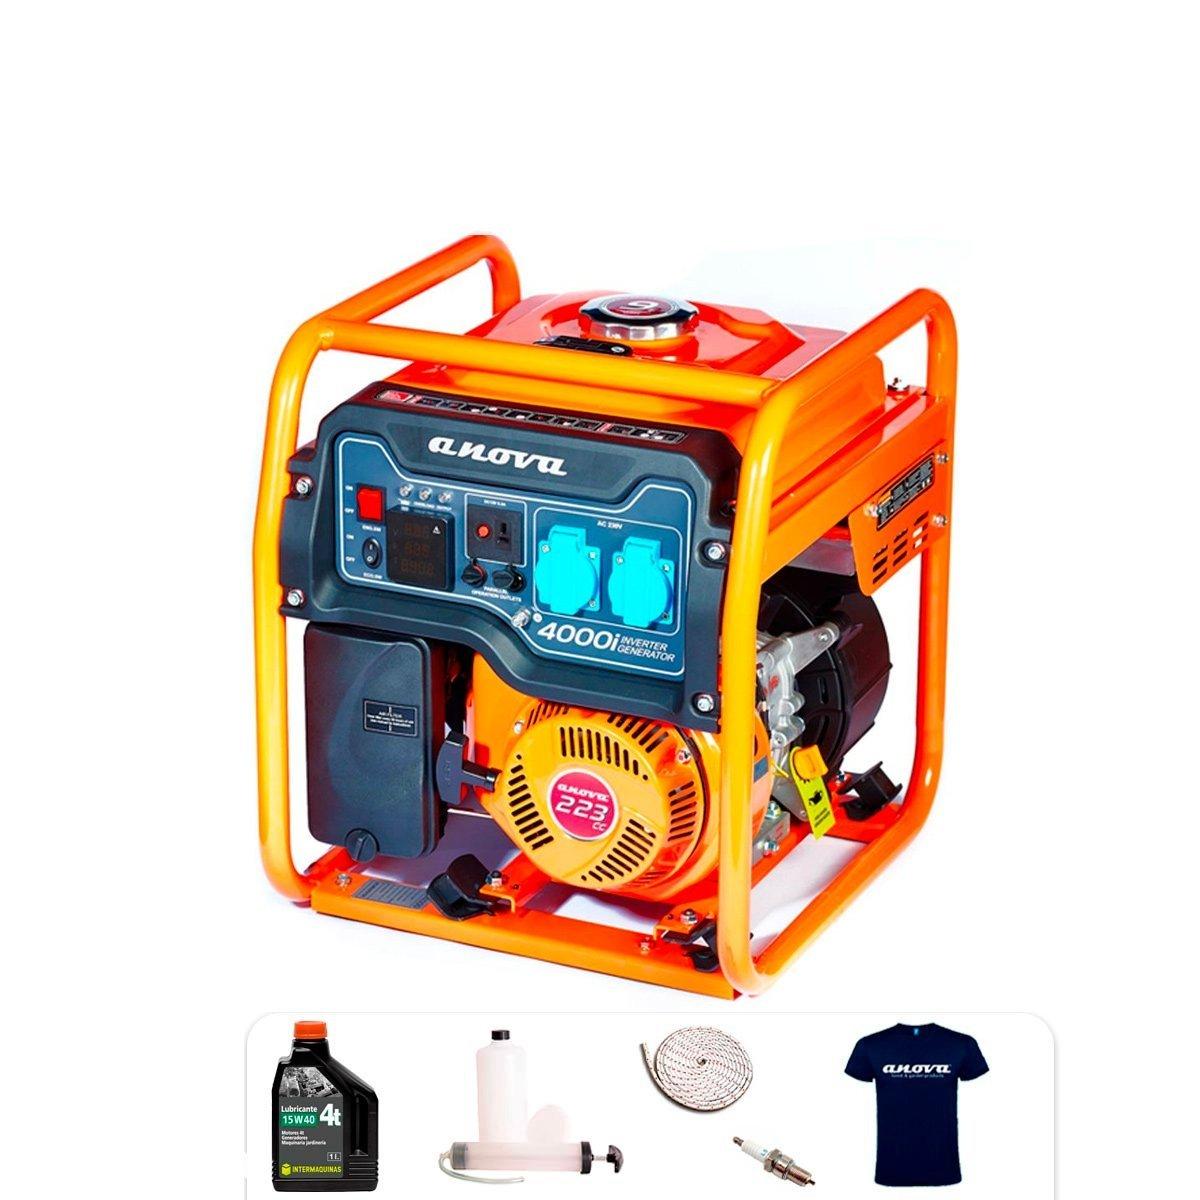 Generador eléctrico Inverter Anova GL4000